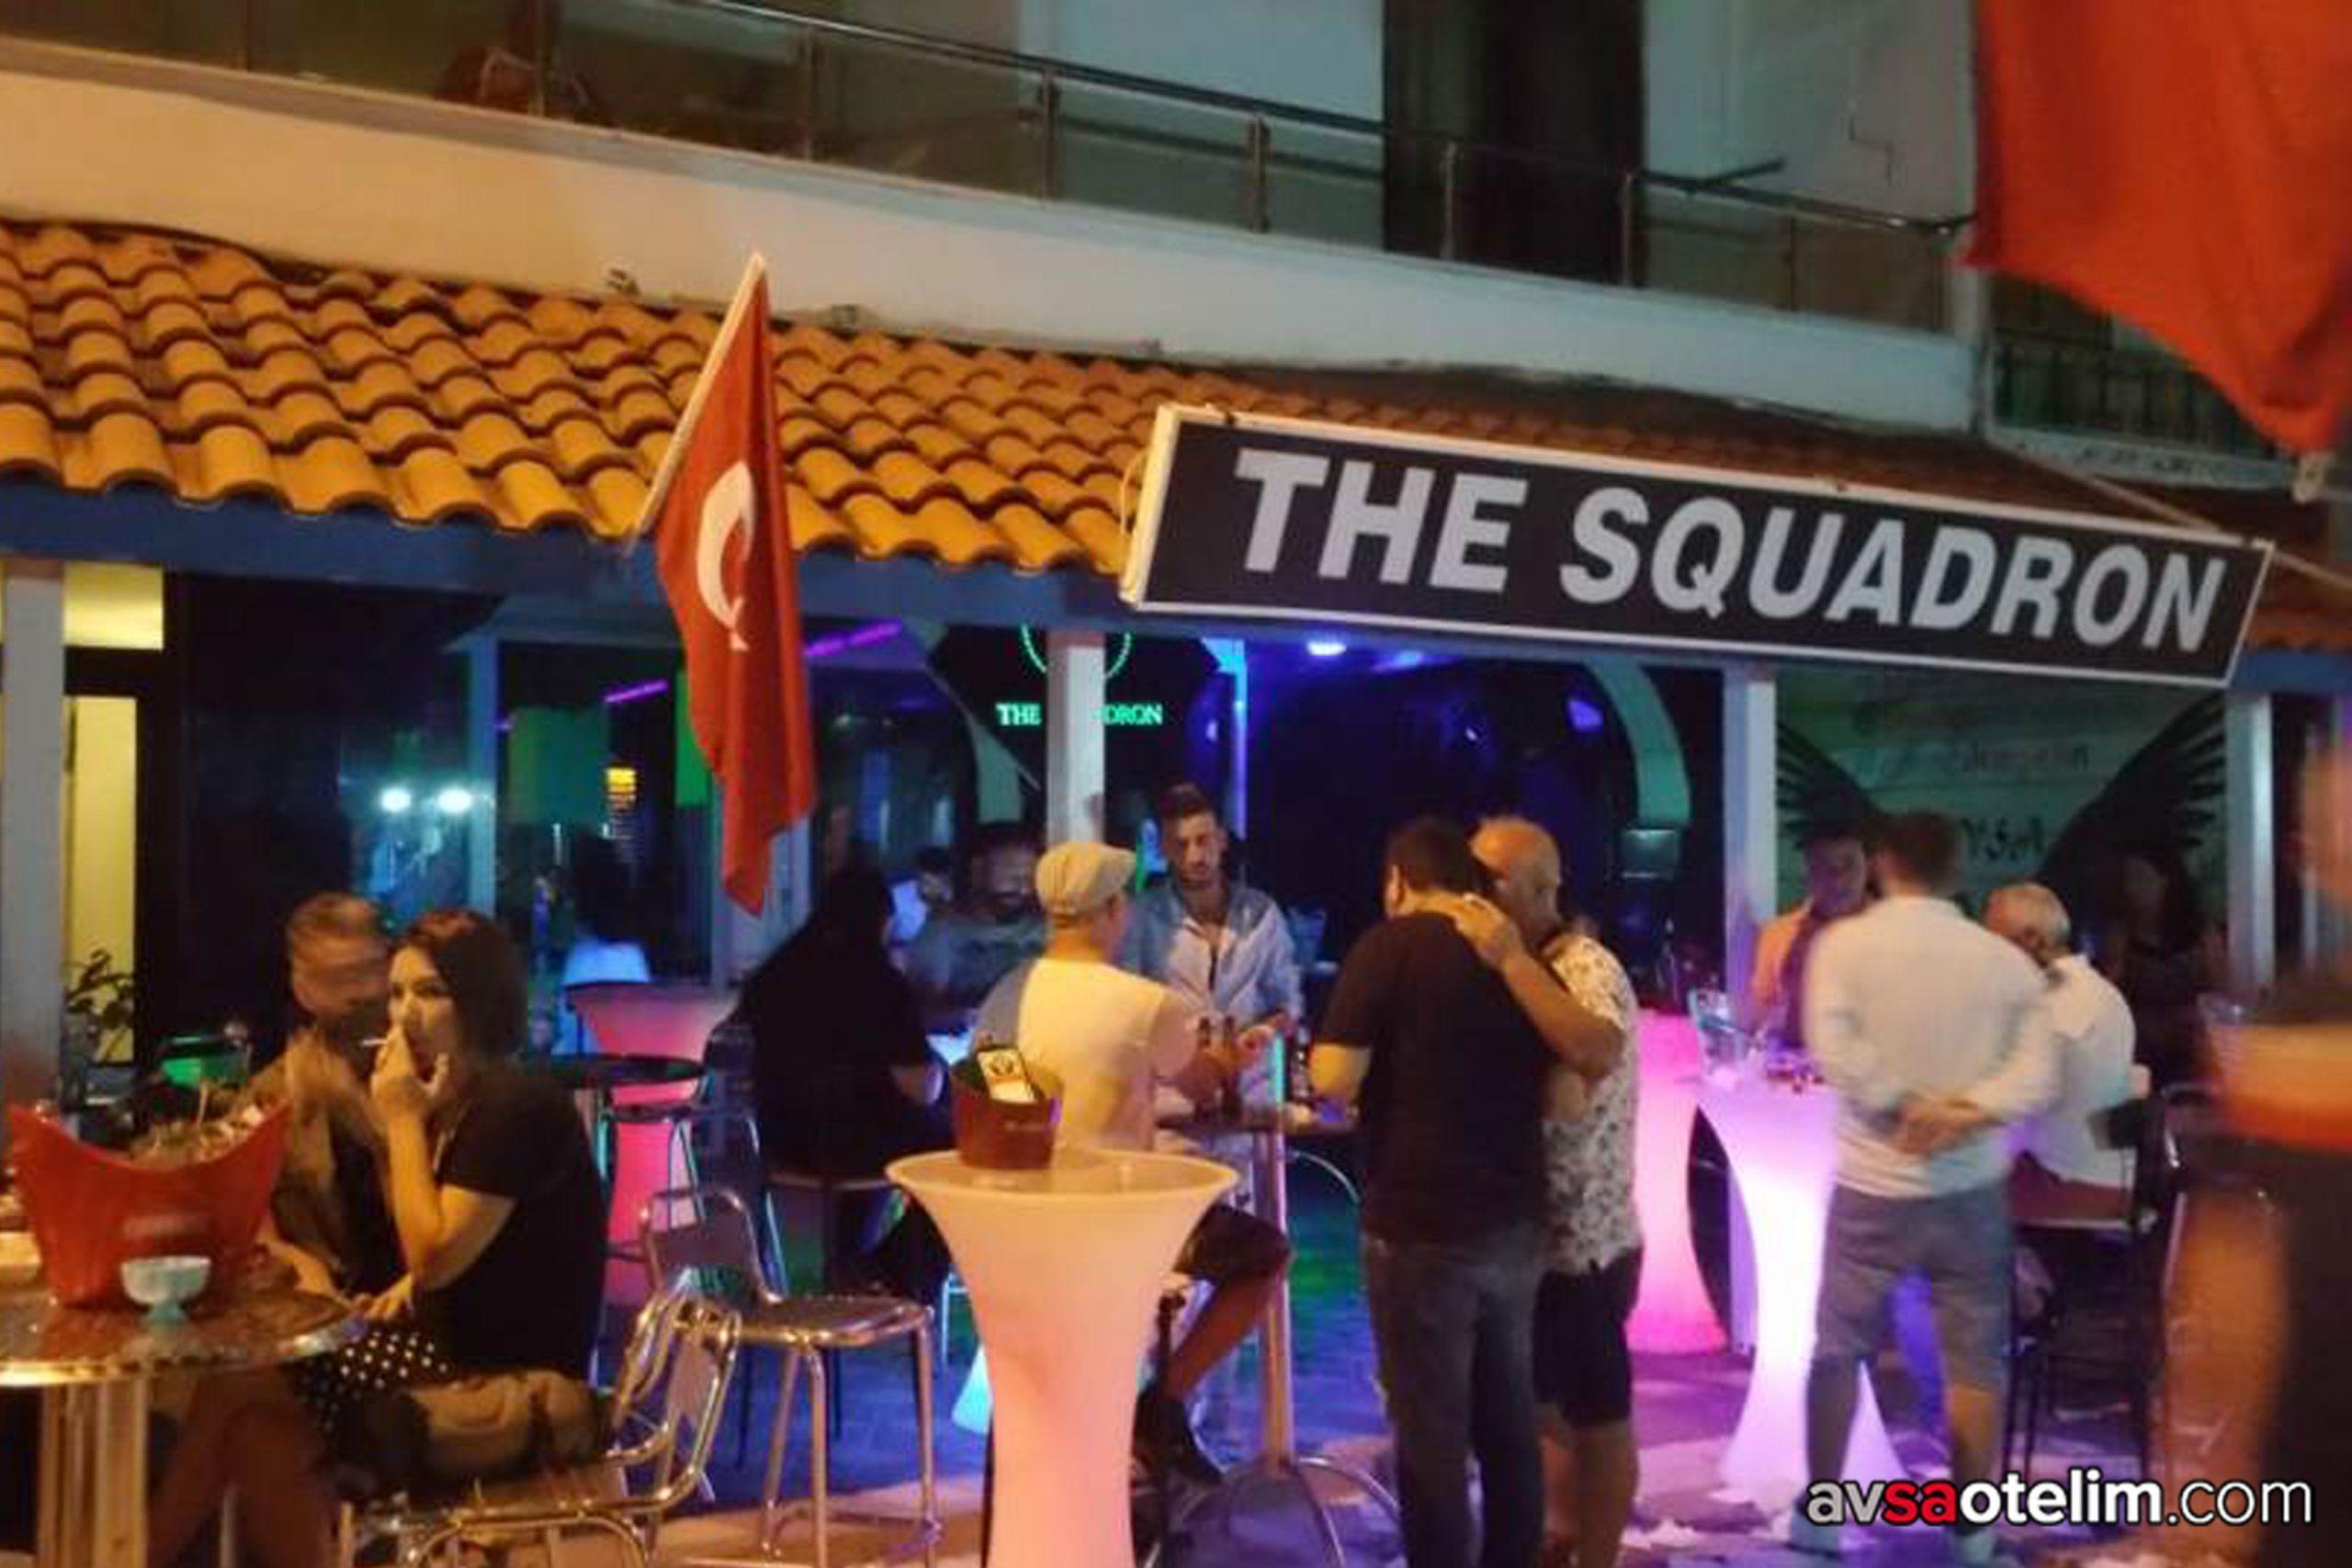 Avşa Adası Squadron Bar